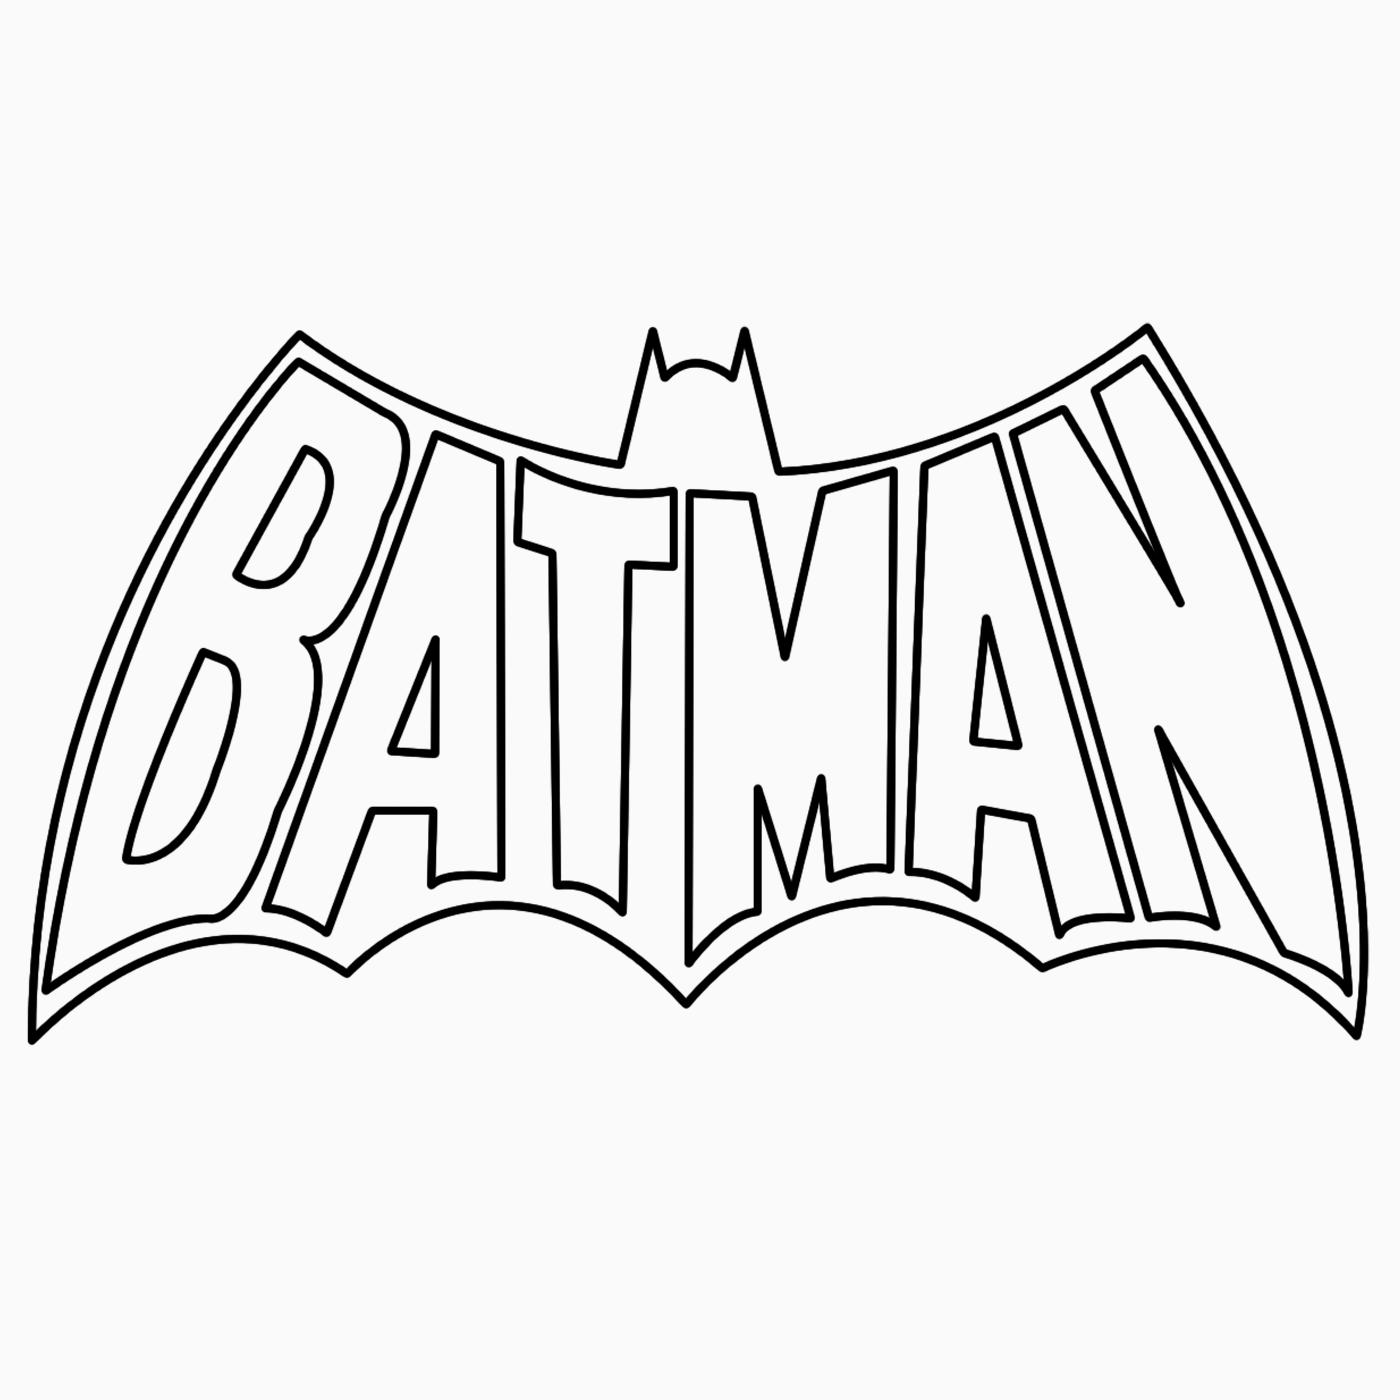 Batman Logo Drawing | Batman Logo Coloring/Drawing Pages ...